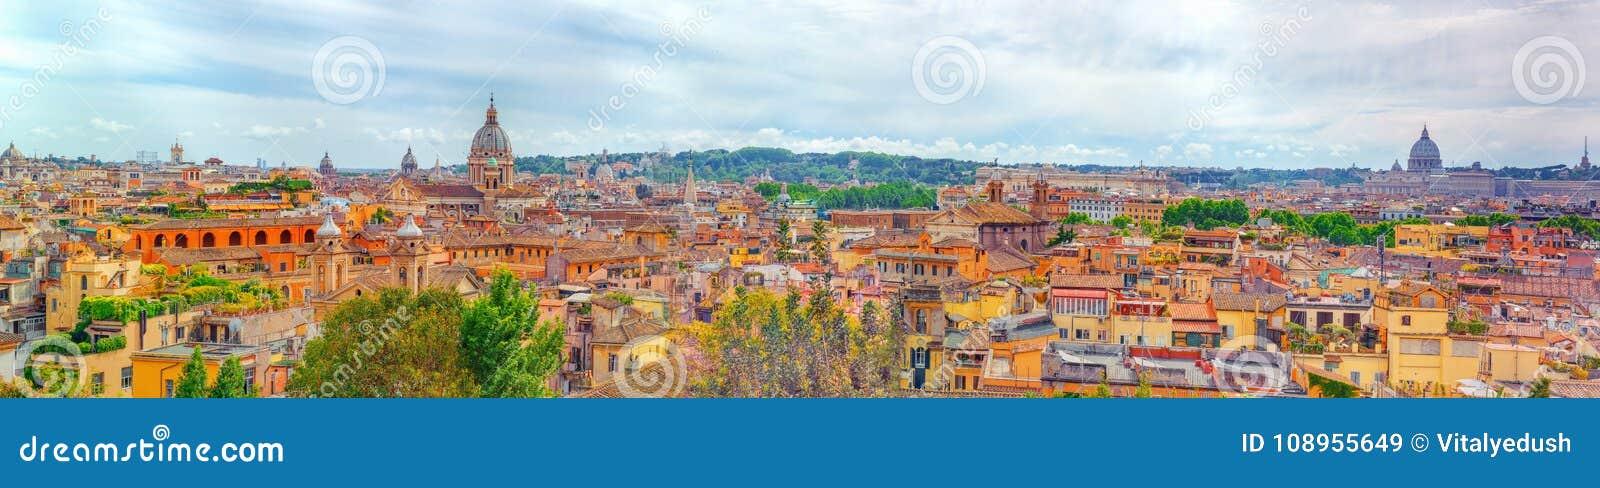 Vista Della Città Di Roma Da Sopra Dalla Collina Di